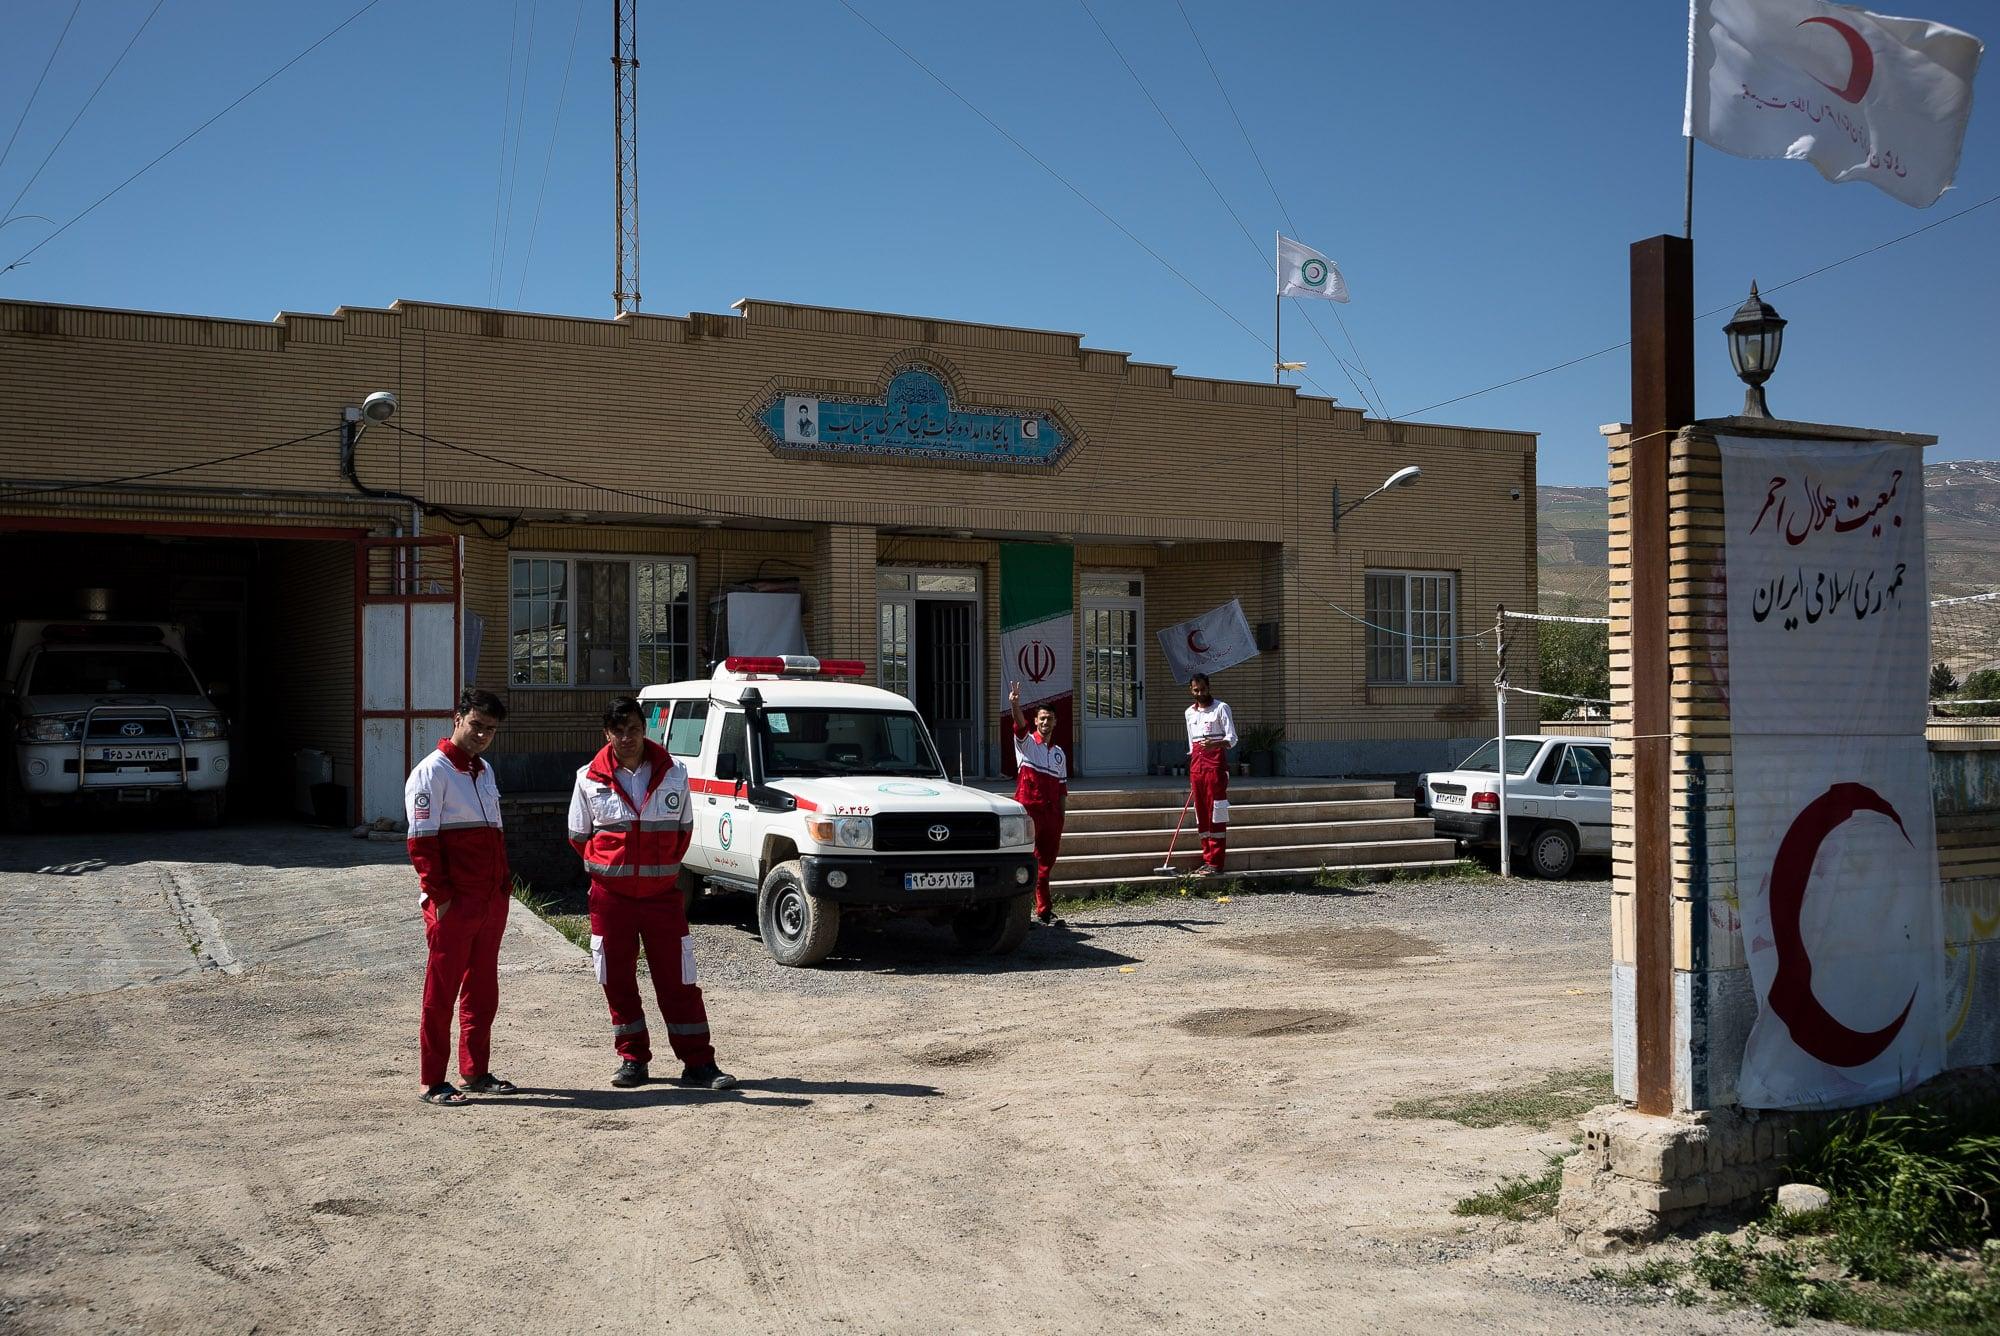 Red Crescent dudes